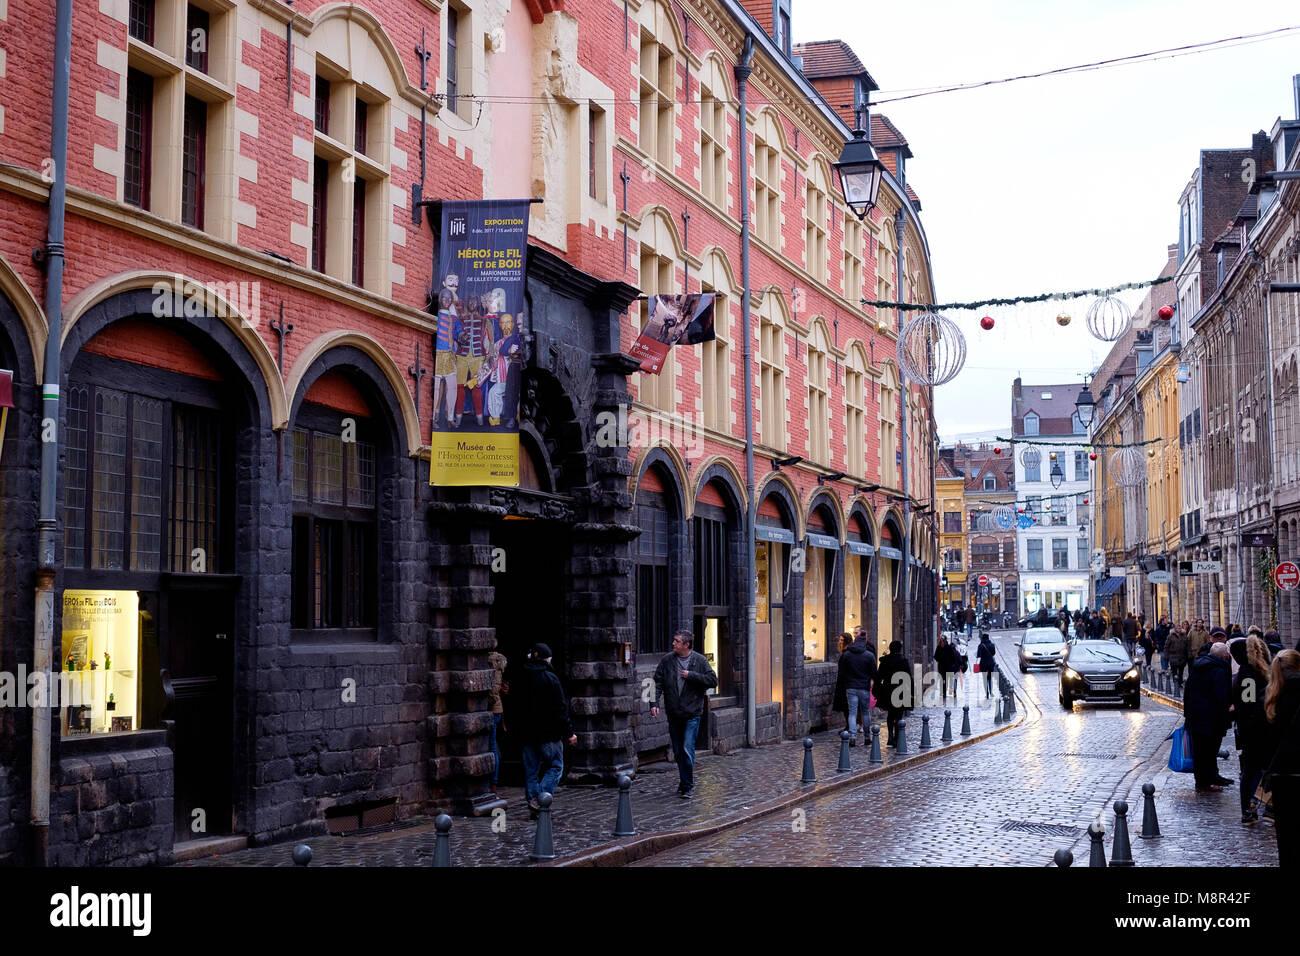 Escena de una calle en el casco antiguo de Lille - Musée de l'Hospice Contesse, Lille Imagen De Stock